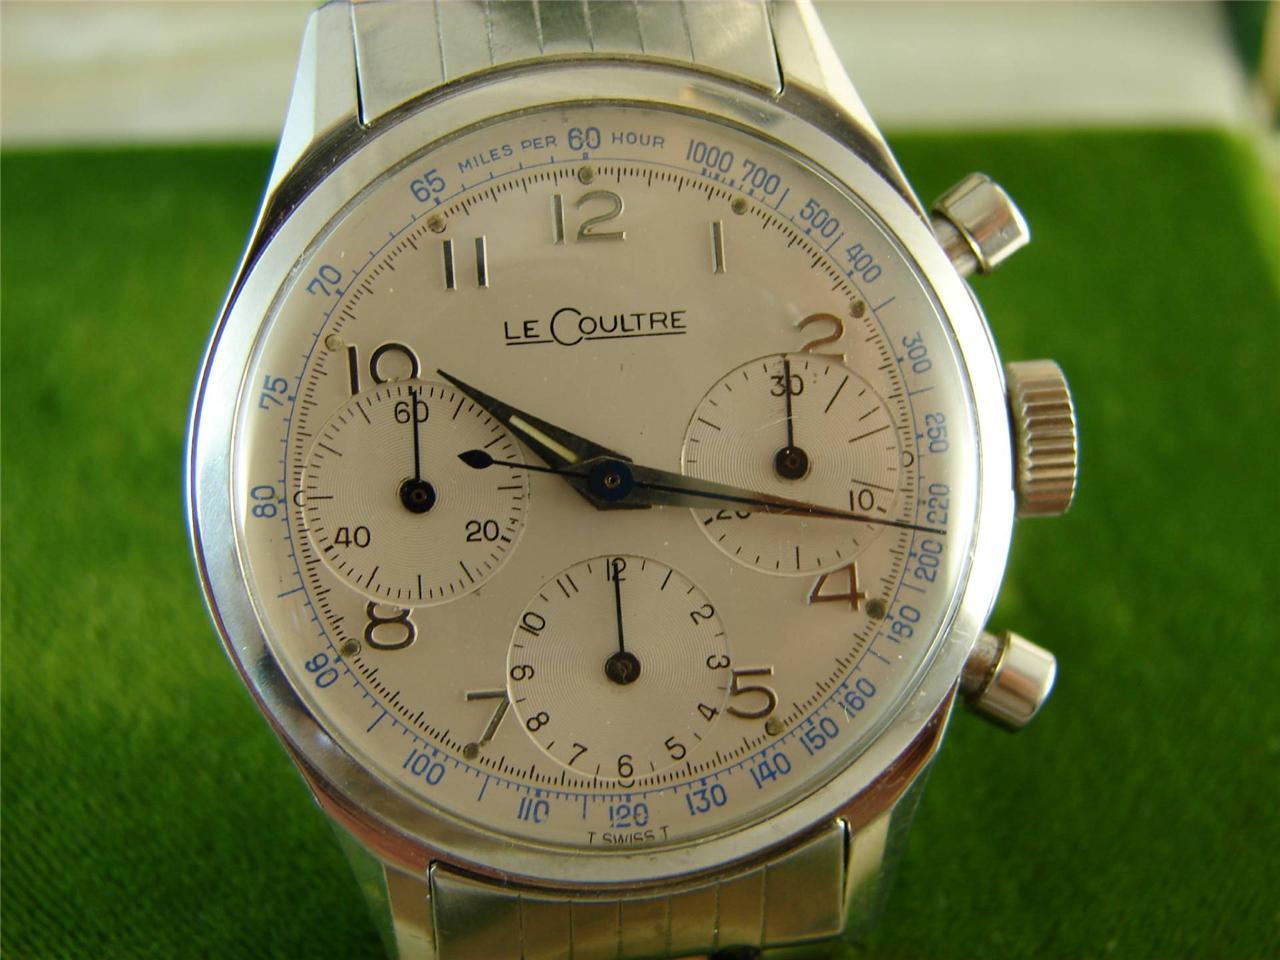 ab0cf348b26e Two vintage LeCoultre chronos - Rolex Forums - Rolex Watch Forum